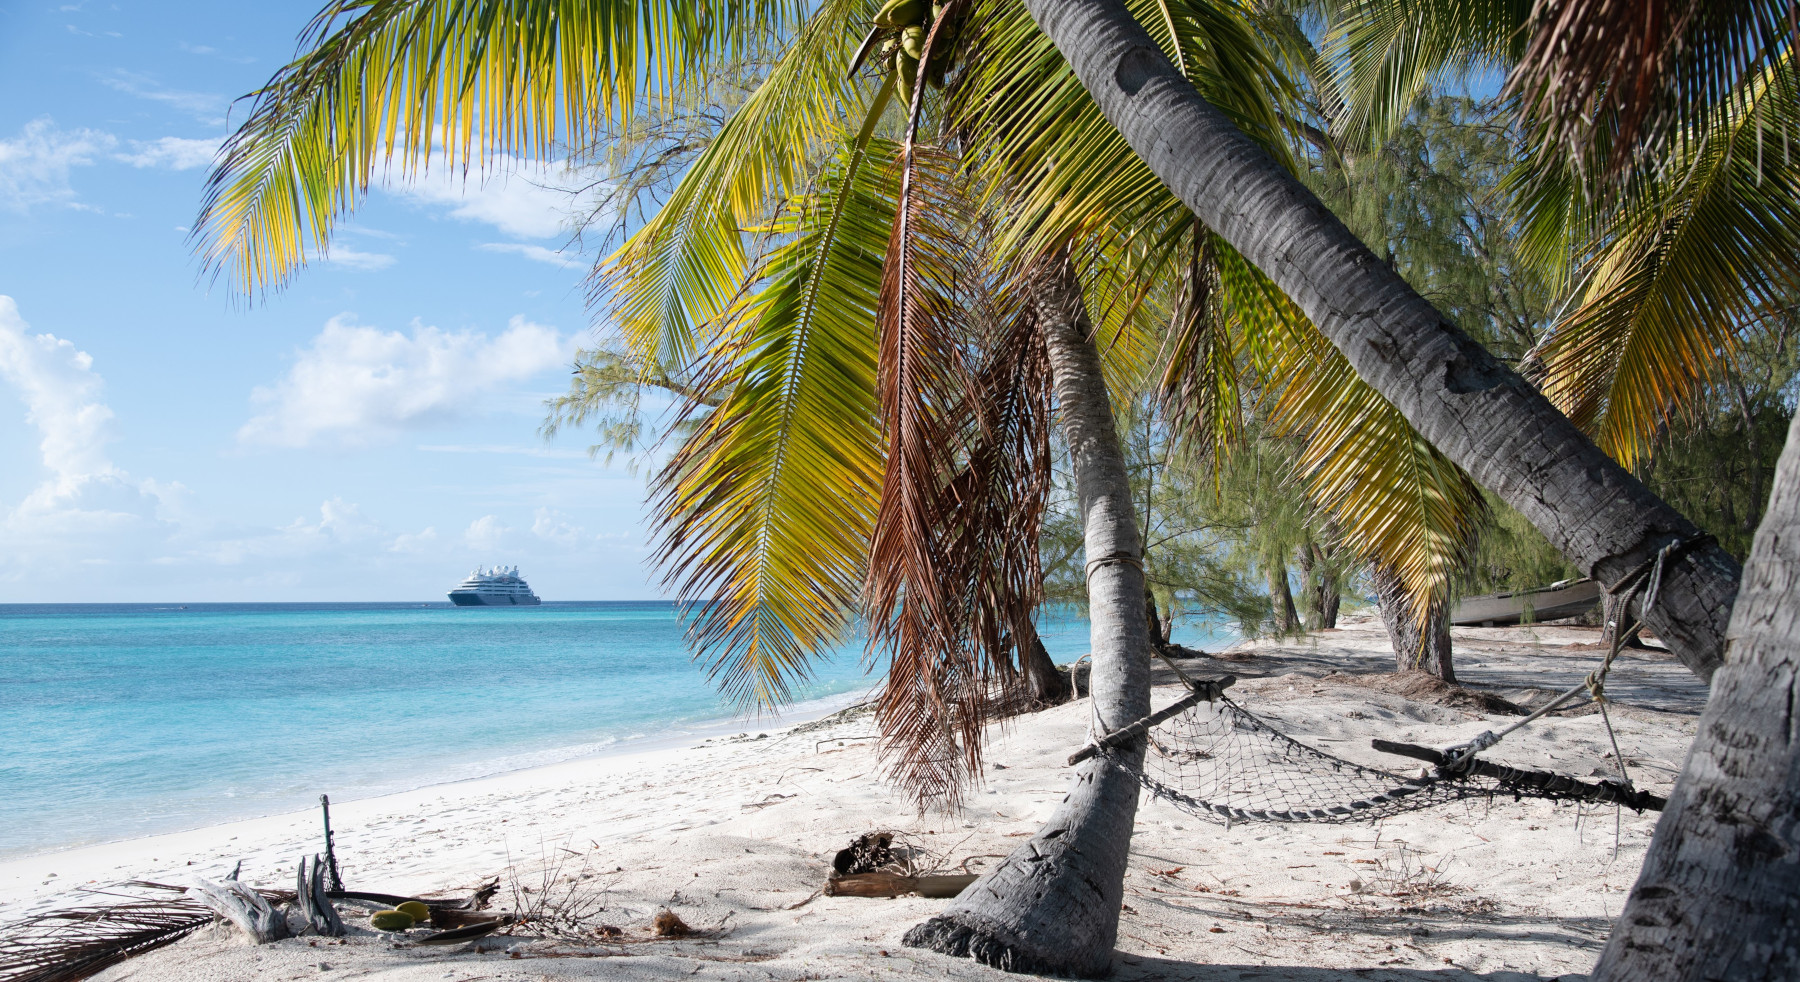 Die französische Reederei Ponant wird Hauptsponsor für das Aldabra-Projekt. Dieses Projekt hat sich ganz der Sanierung des gleichnamigen Atolls der Seychellen im Indischen Ozean verschrieben, was stark von Plastikverschmutzung